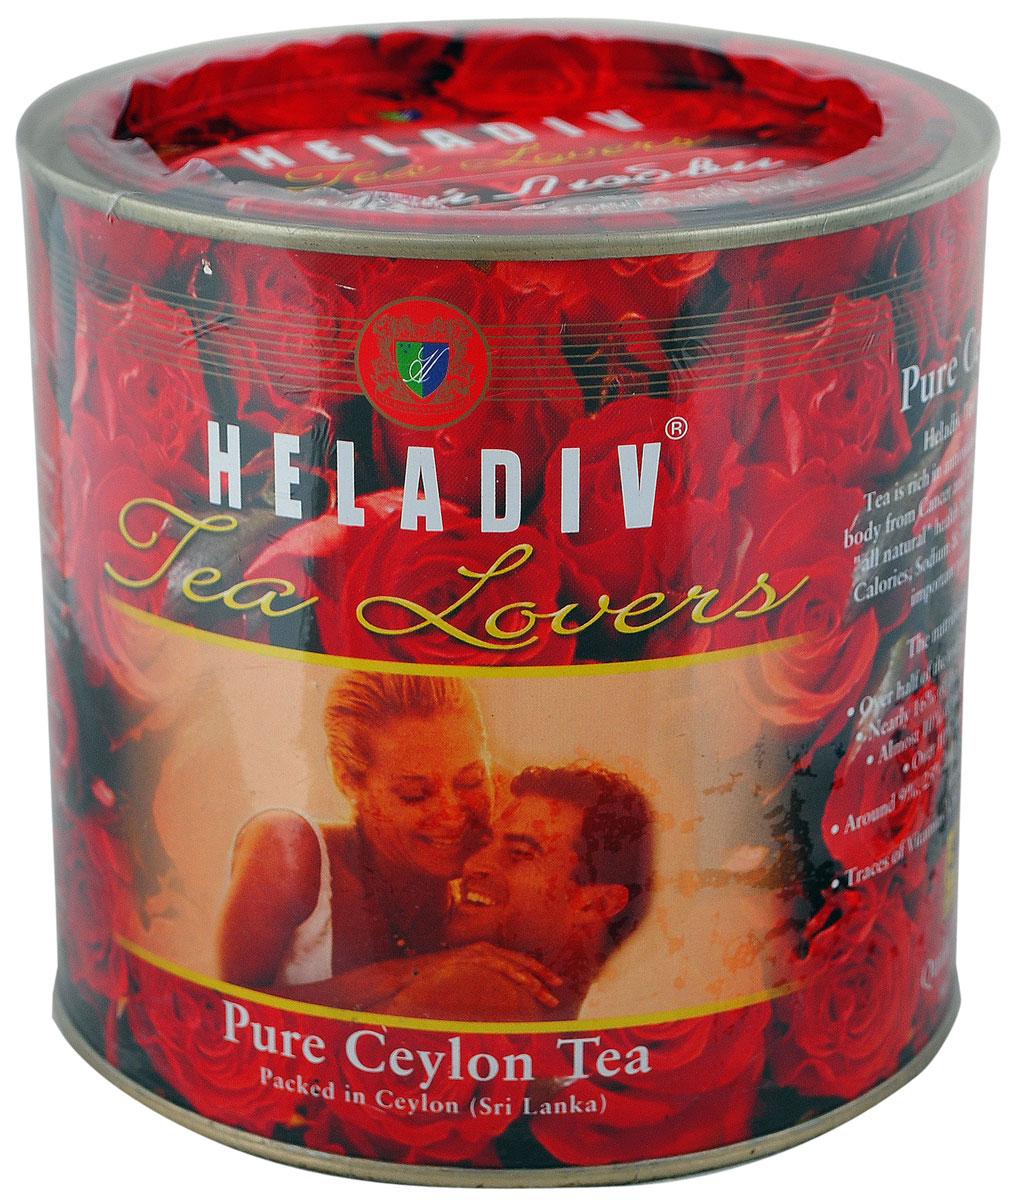 Heladiv Tea Lovers чай черный листовой, 450 г40121Heladiv Tea Lovers (Хеладив Чай Любви) - это черный крупнолистовой цейлонский чай высшего сорта. Этот напиток снимает чувство усталости, способствует выведению вредных веществ из организма и укрепляет сердечно-сосудистую систему. Чай Хеладив - это экологически чистый продукт, который может стать неотъемлемой частью вашей здоровой диеты.